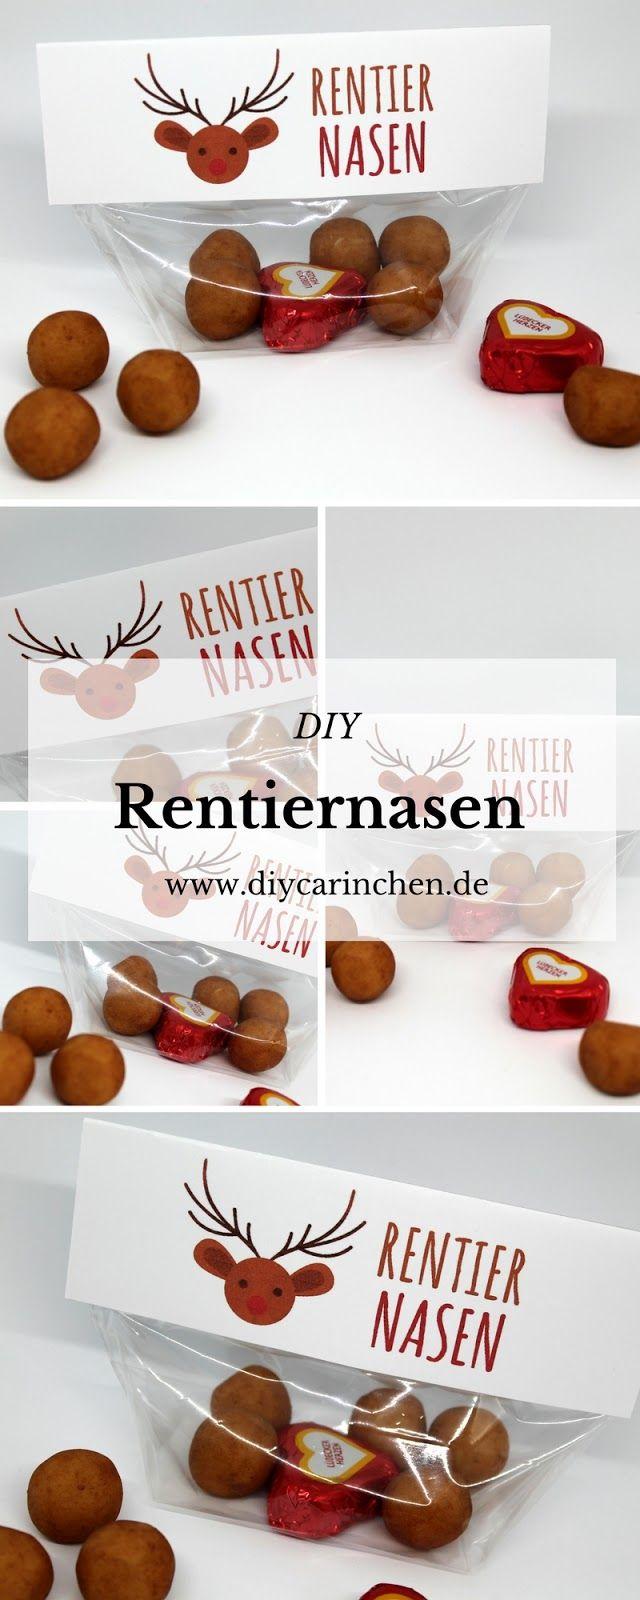 DIY Rentiernasen {mit gratis Printable} / Last Minute Geschenkidee ...